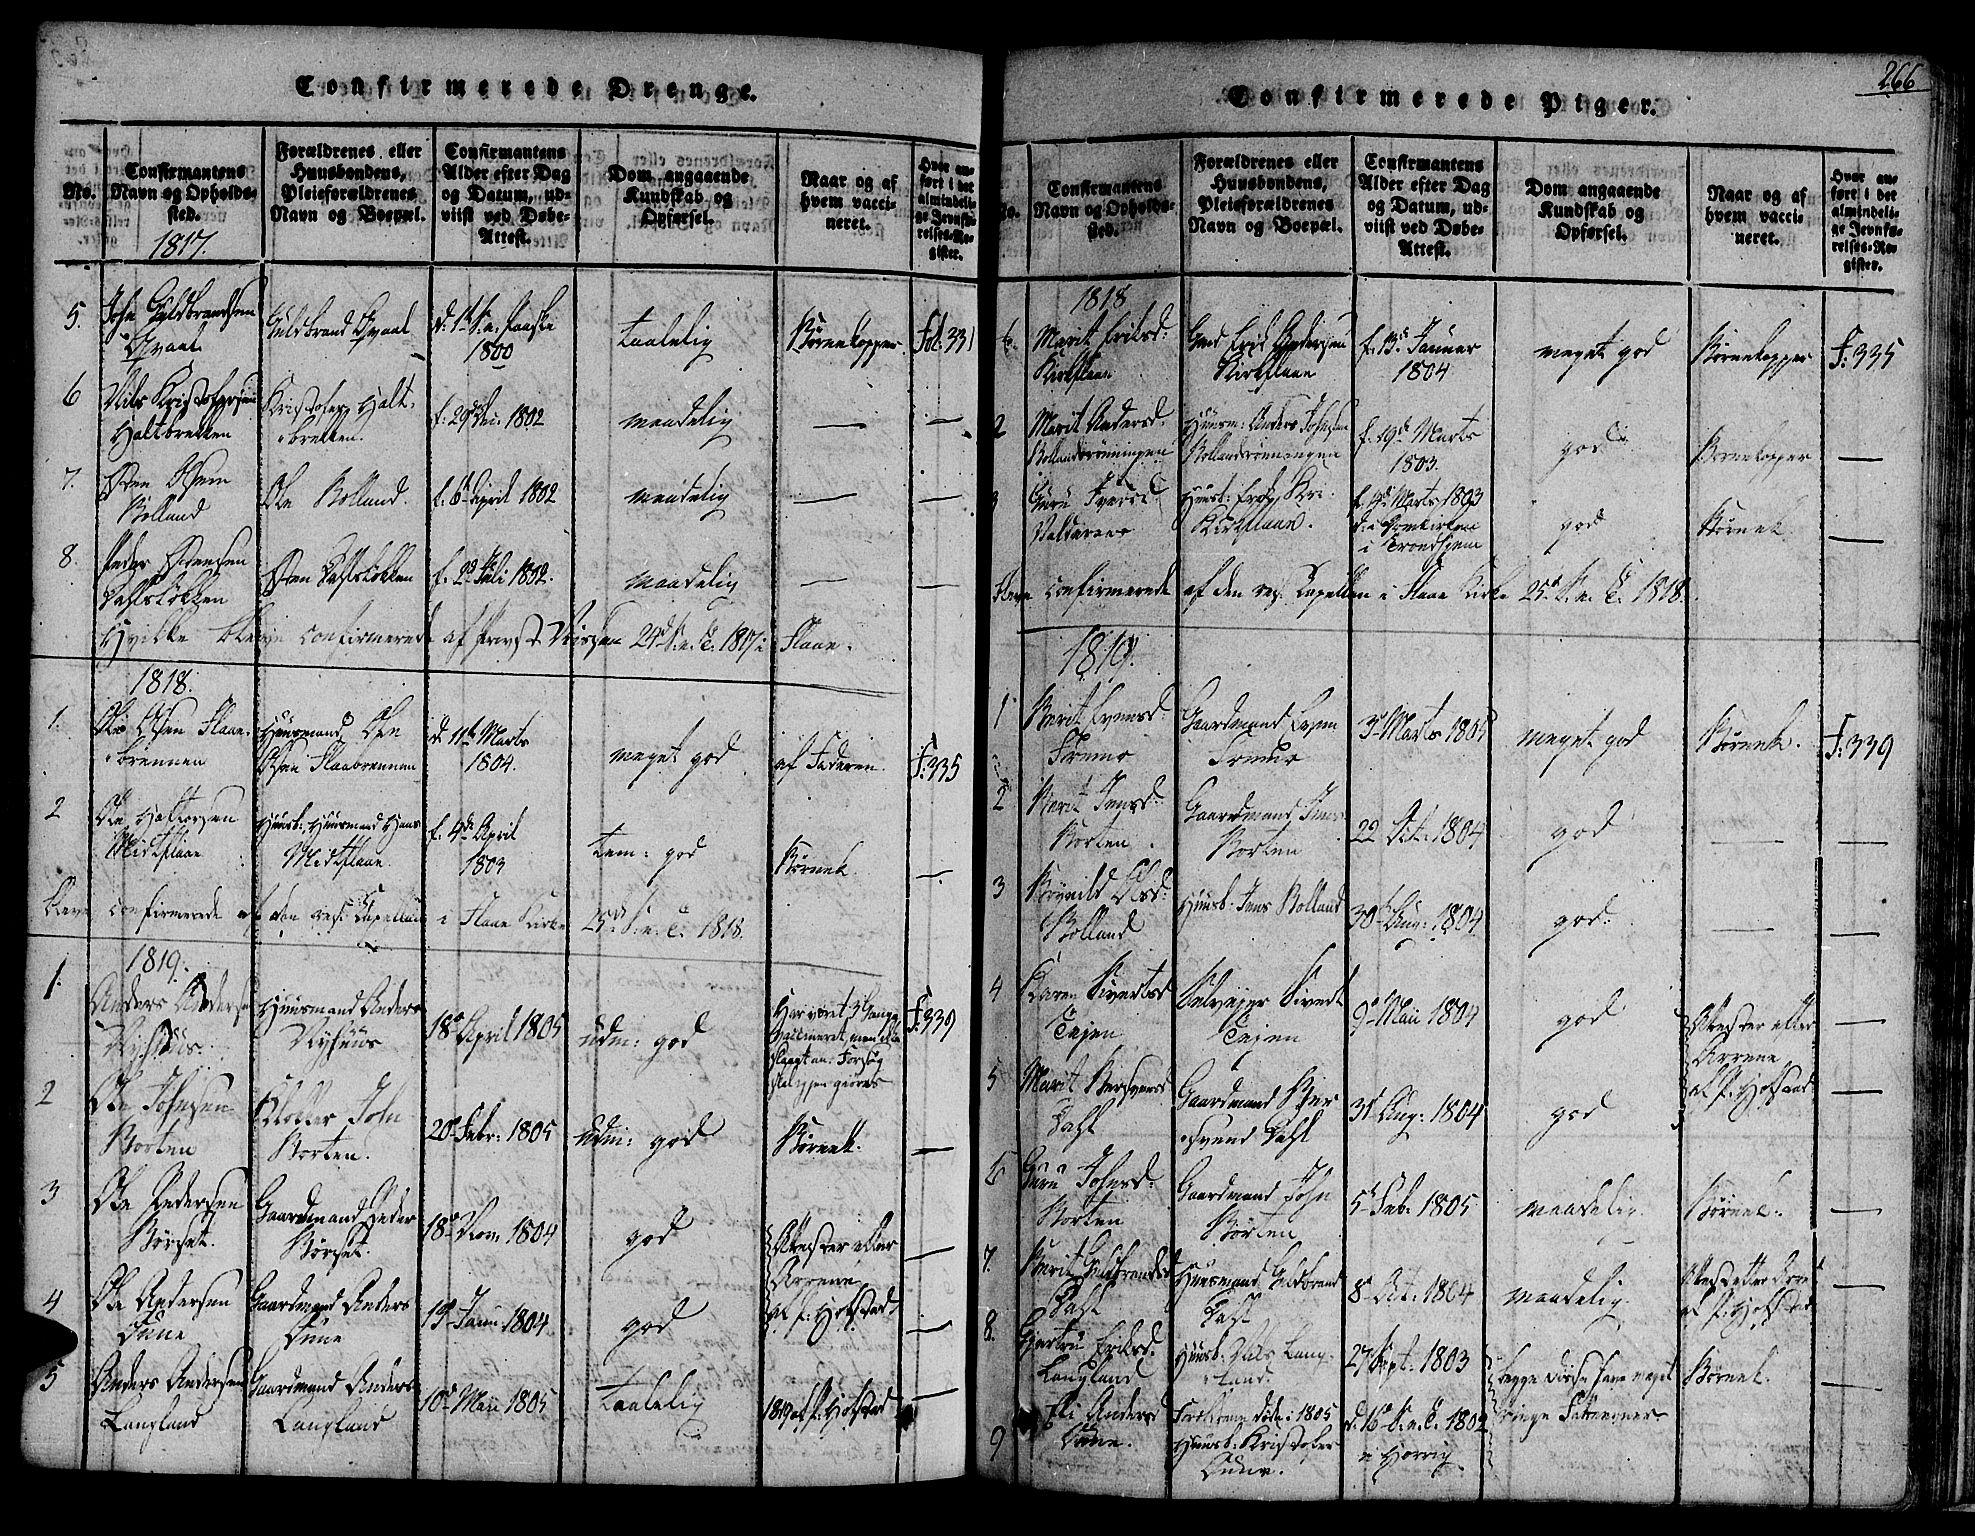 SAT, Ministerialprotokoller, klokkerbøker og fødselsregistre - Sør-Trøndelag, 691/L1066: Ministerialbok nr. 691A03 /2, 1816-1826, s. 266